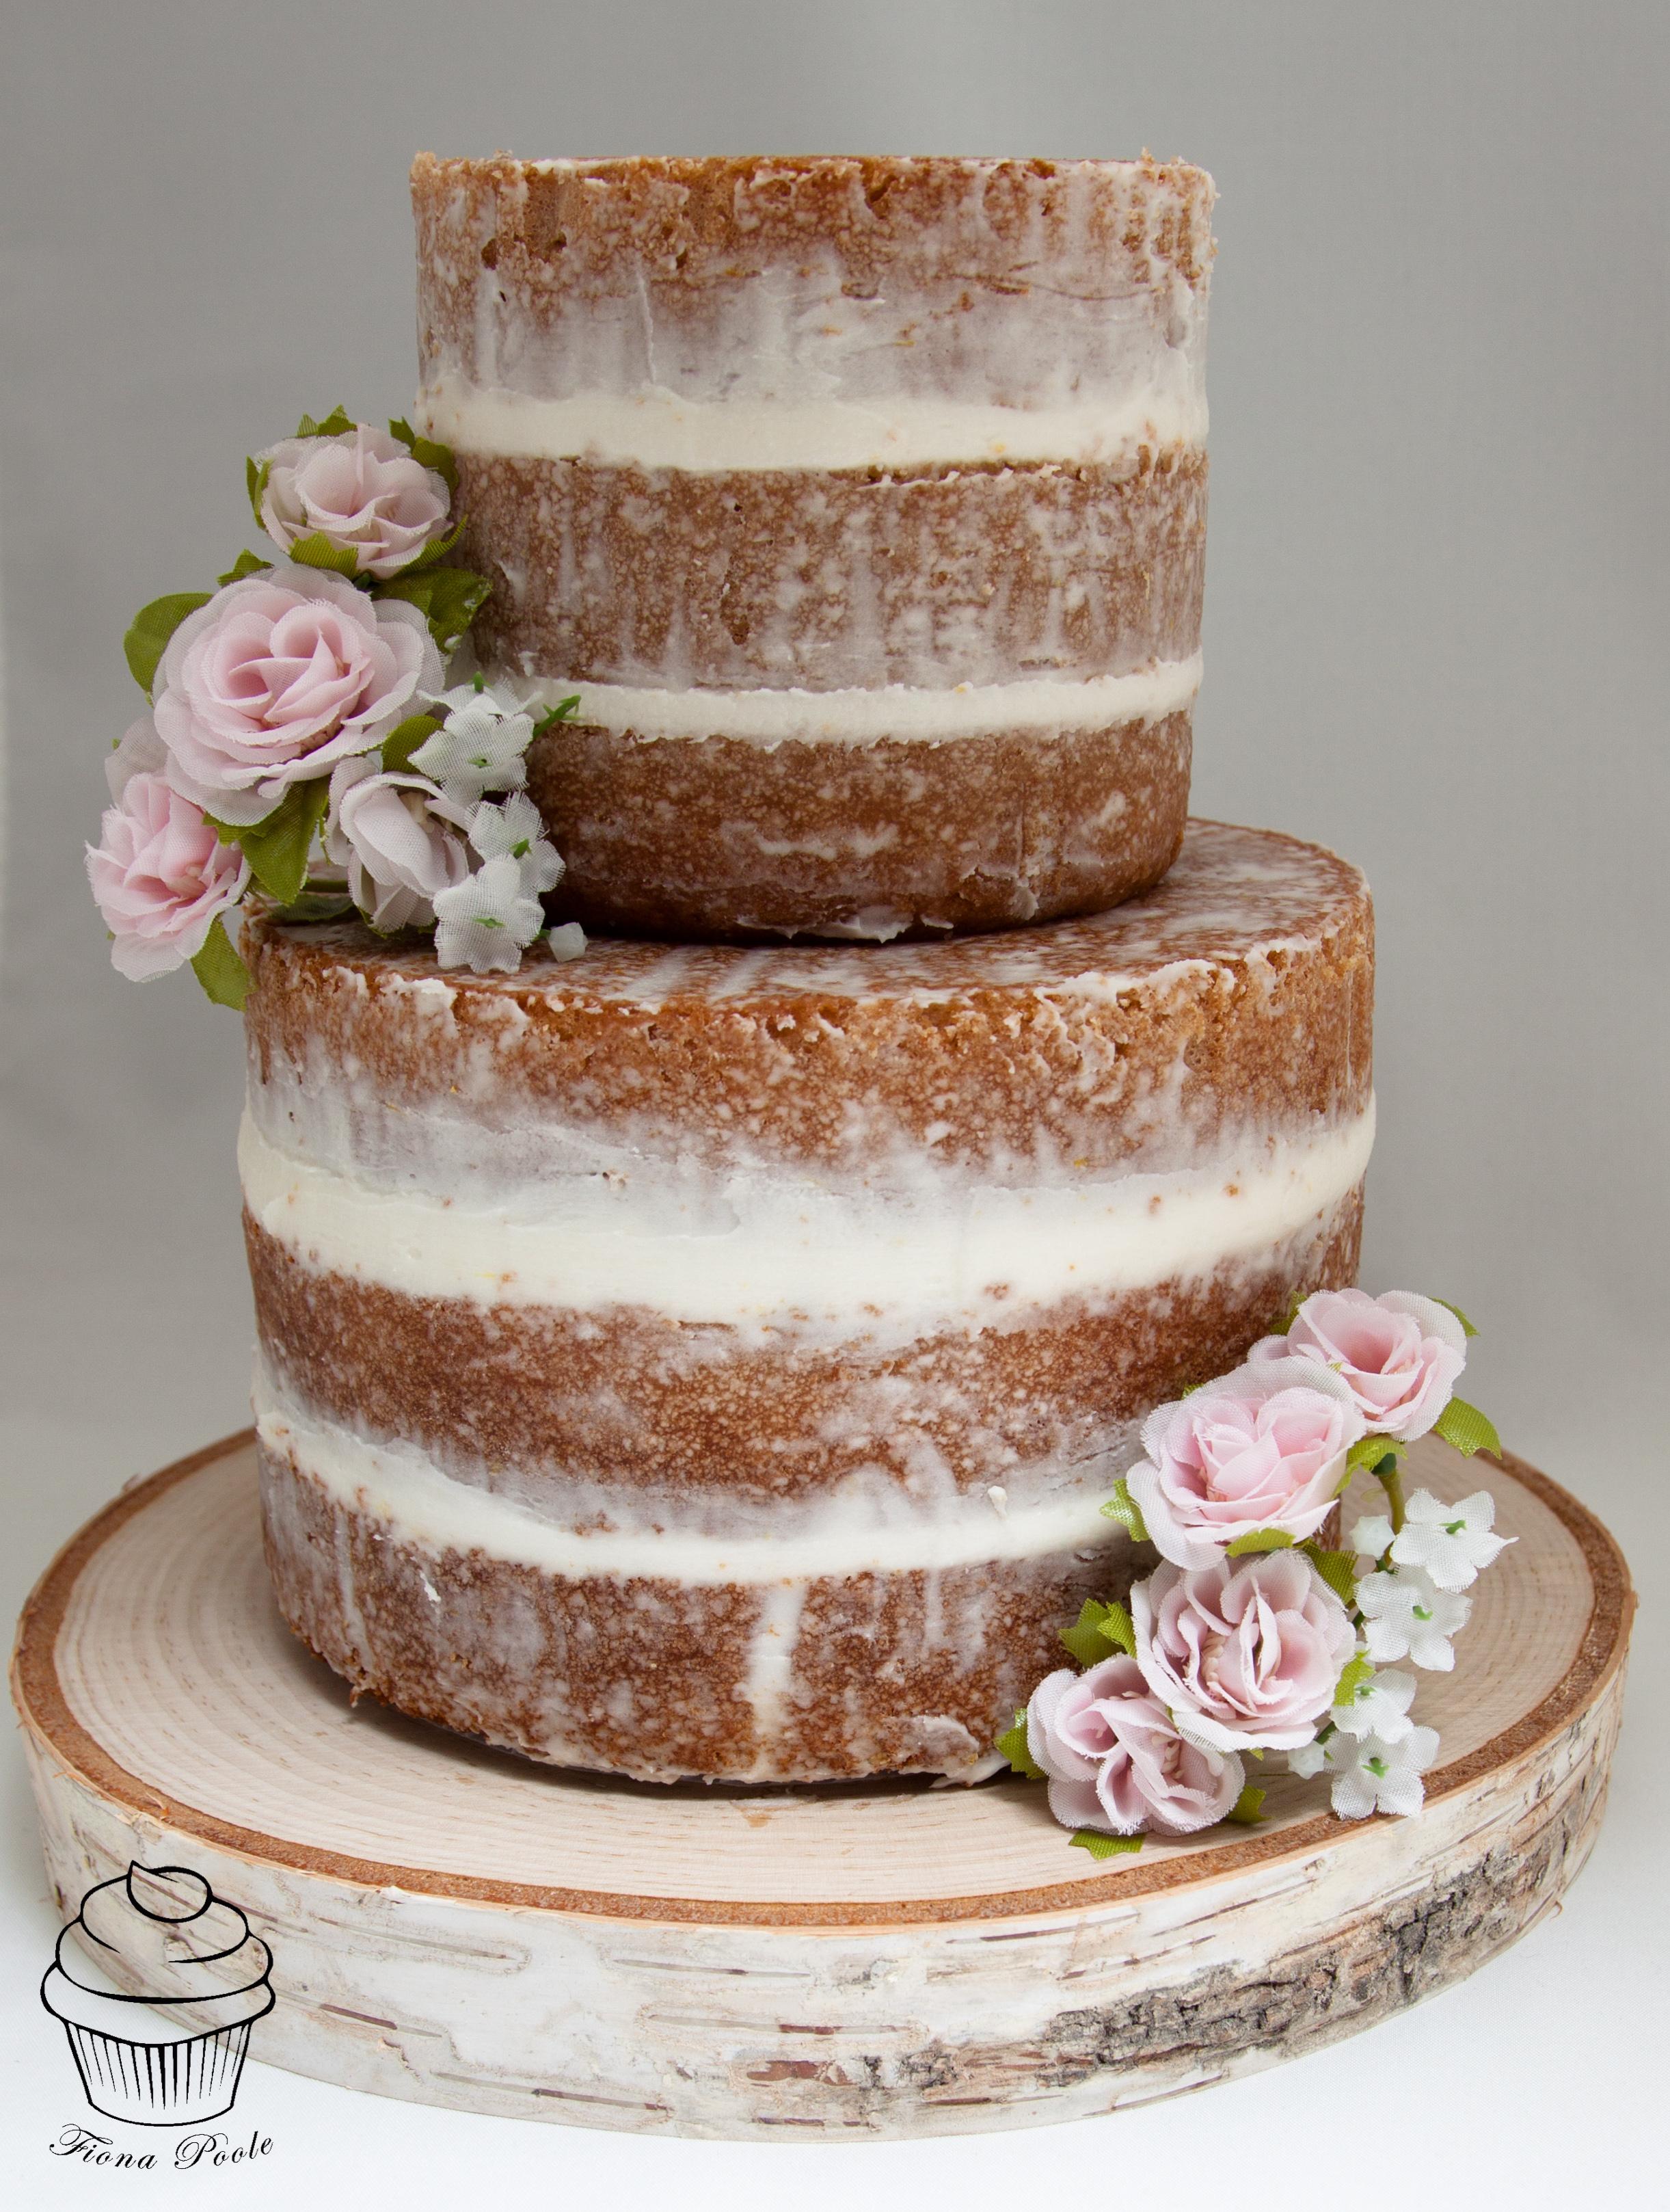 Naked Cake 👀 Scrumdiddlyumptious